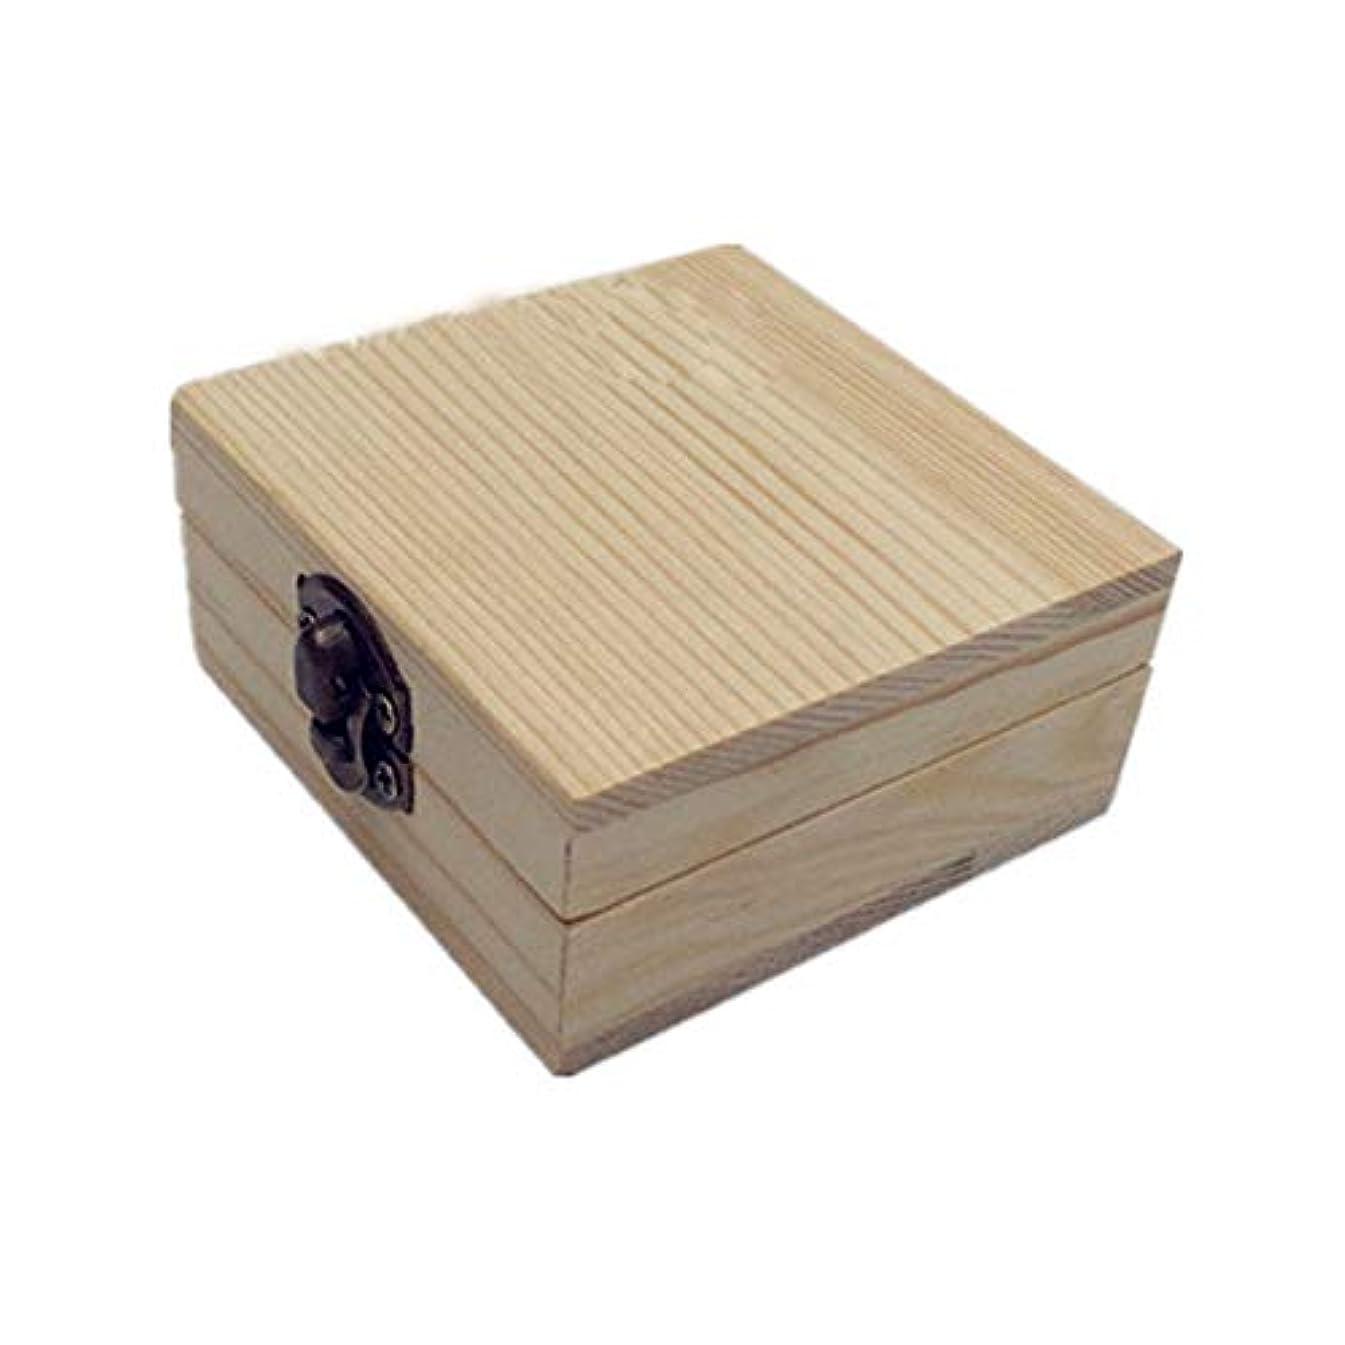 より平らな値するキラウエア山エッセンシャルオイルの保管 木製のエッセンシャルオイルボックスパーフェクトエッセンシャルオイルケースは2本のボトルエッセンシャルオイルのために保持します (色 : Natural, サイズ : 7X7X3.5CM)